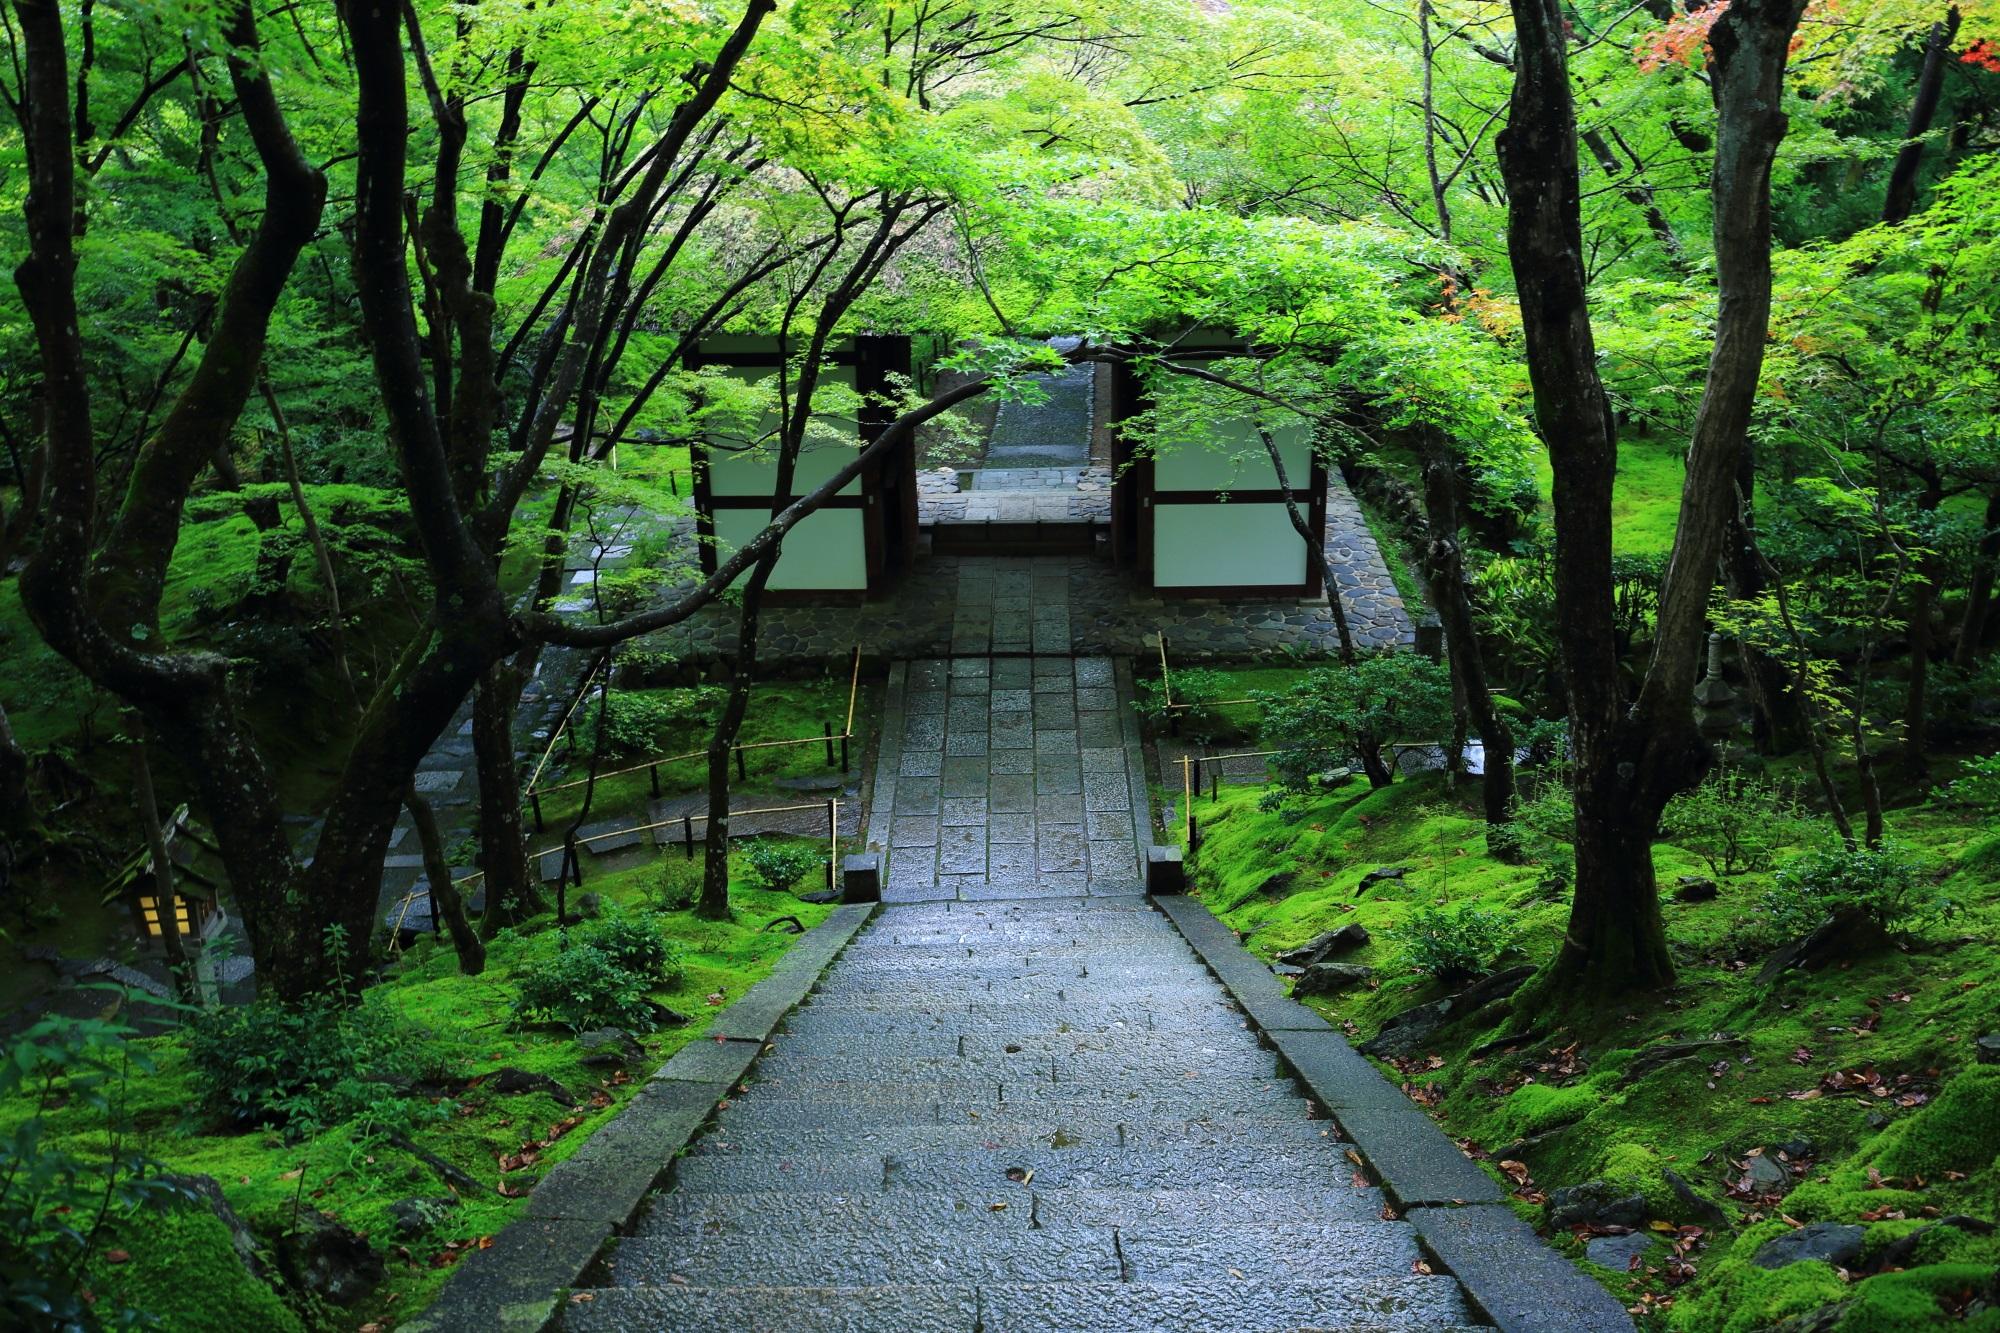 常寂光寺の本堂前石段から眺めた仁王門と苔と青もみじ